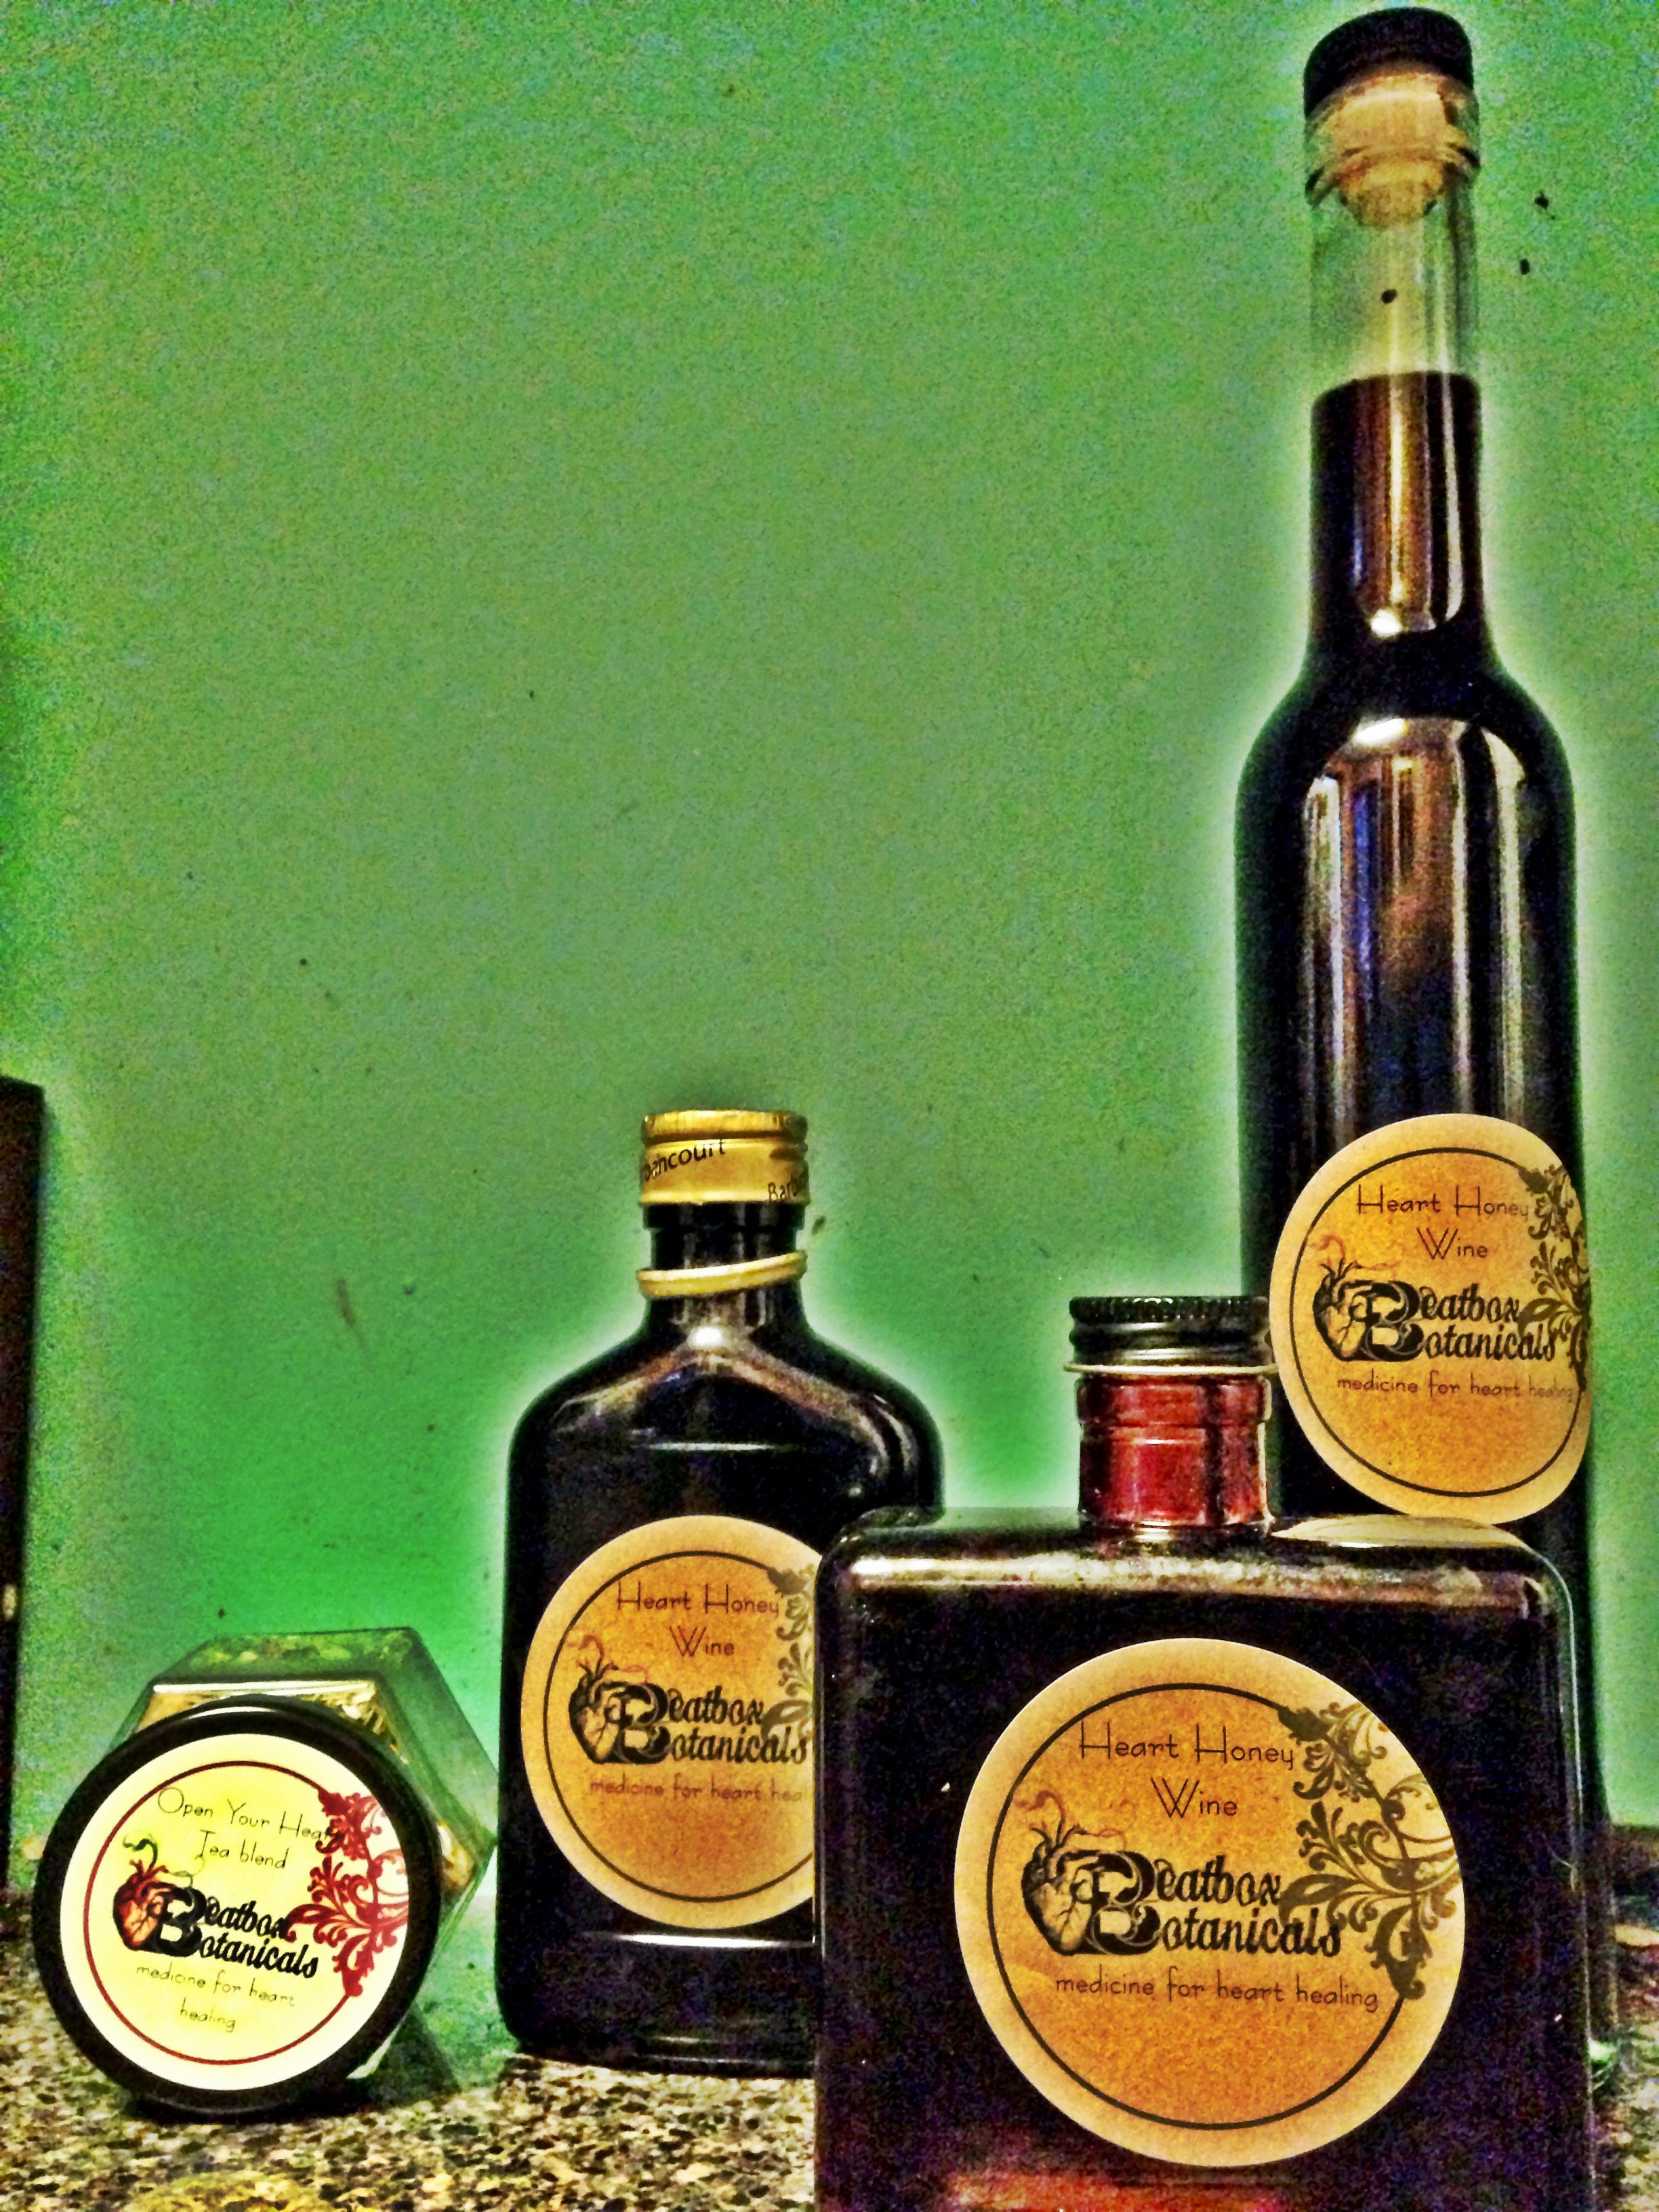 Heart Honey Wine